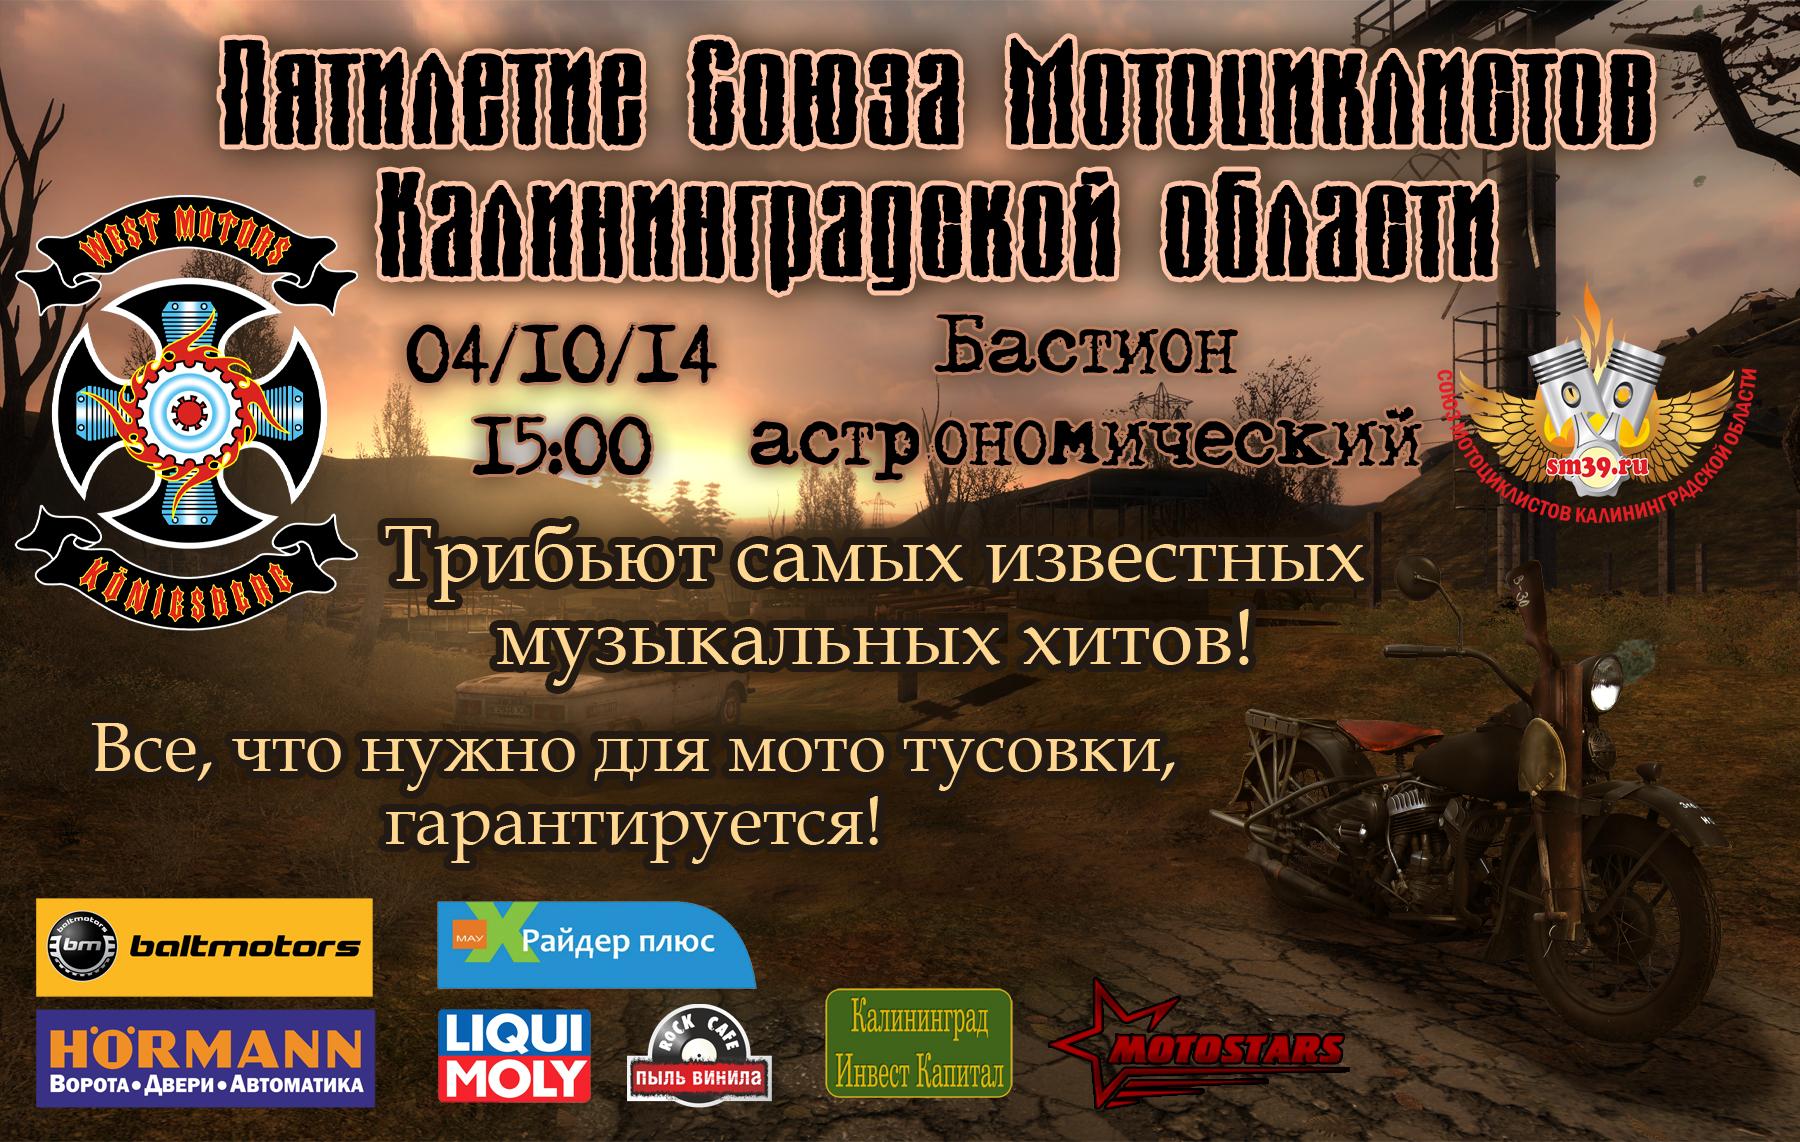 Закрытие мотосезона и празднование 5-ти летия Союза. 4 октября 2014